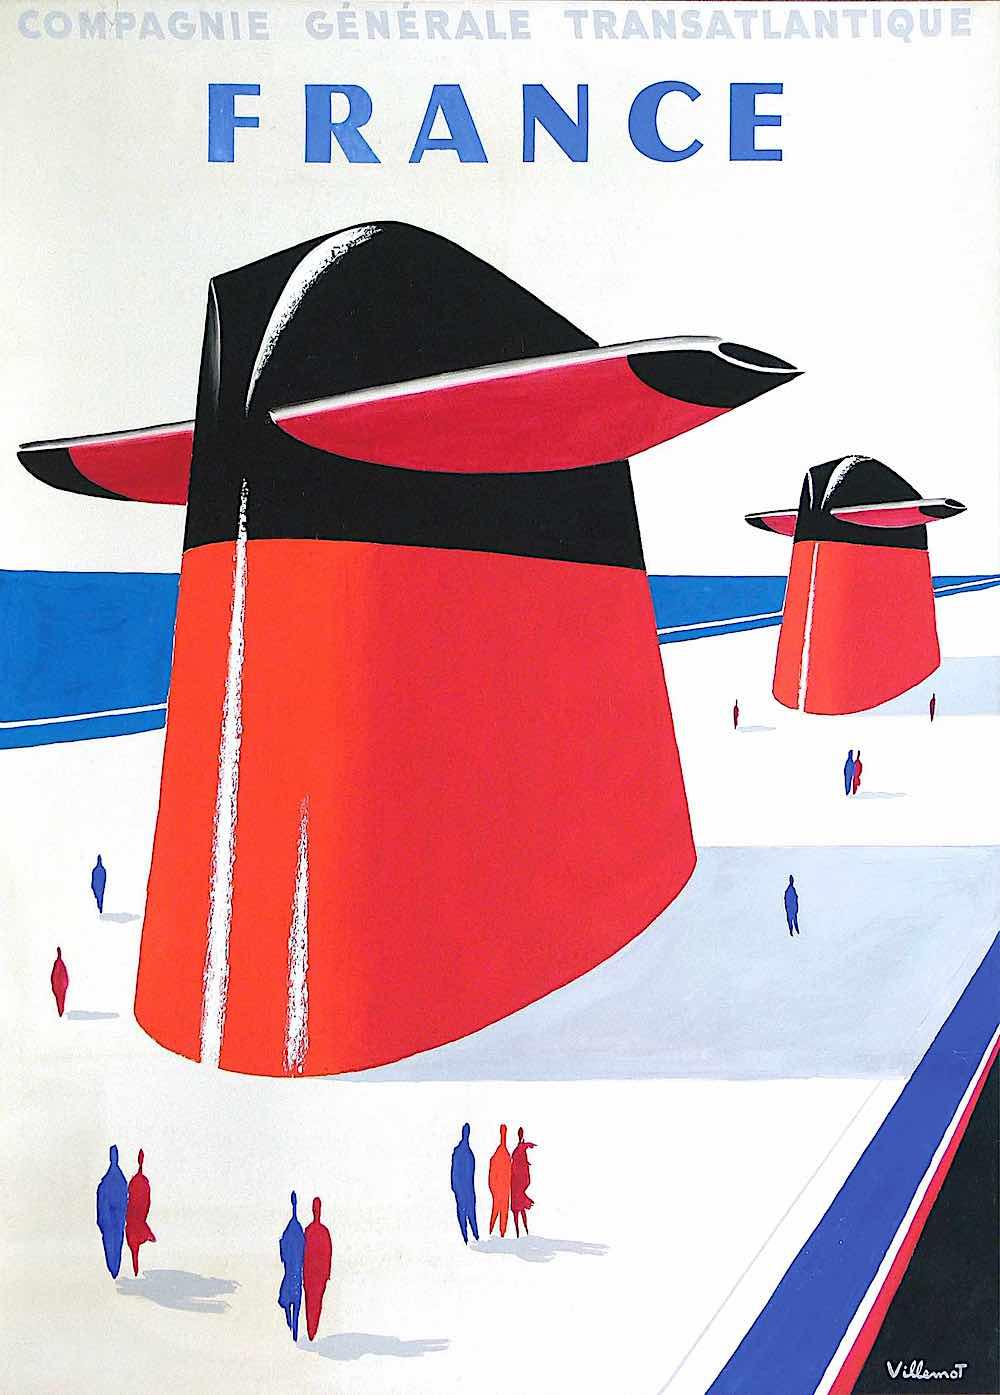 a Bernard Villemot poster illustration for Compagnie Generale Transatlantique France, a giant ship